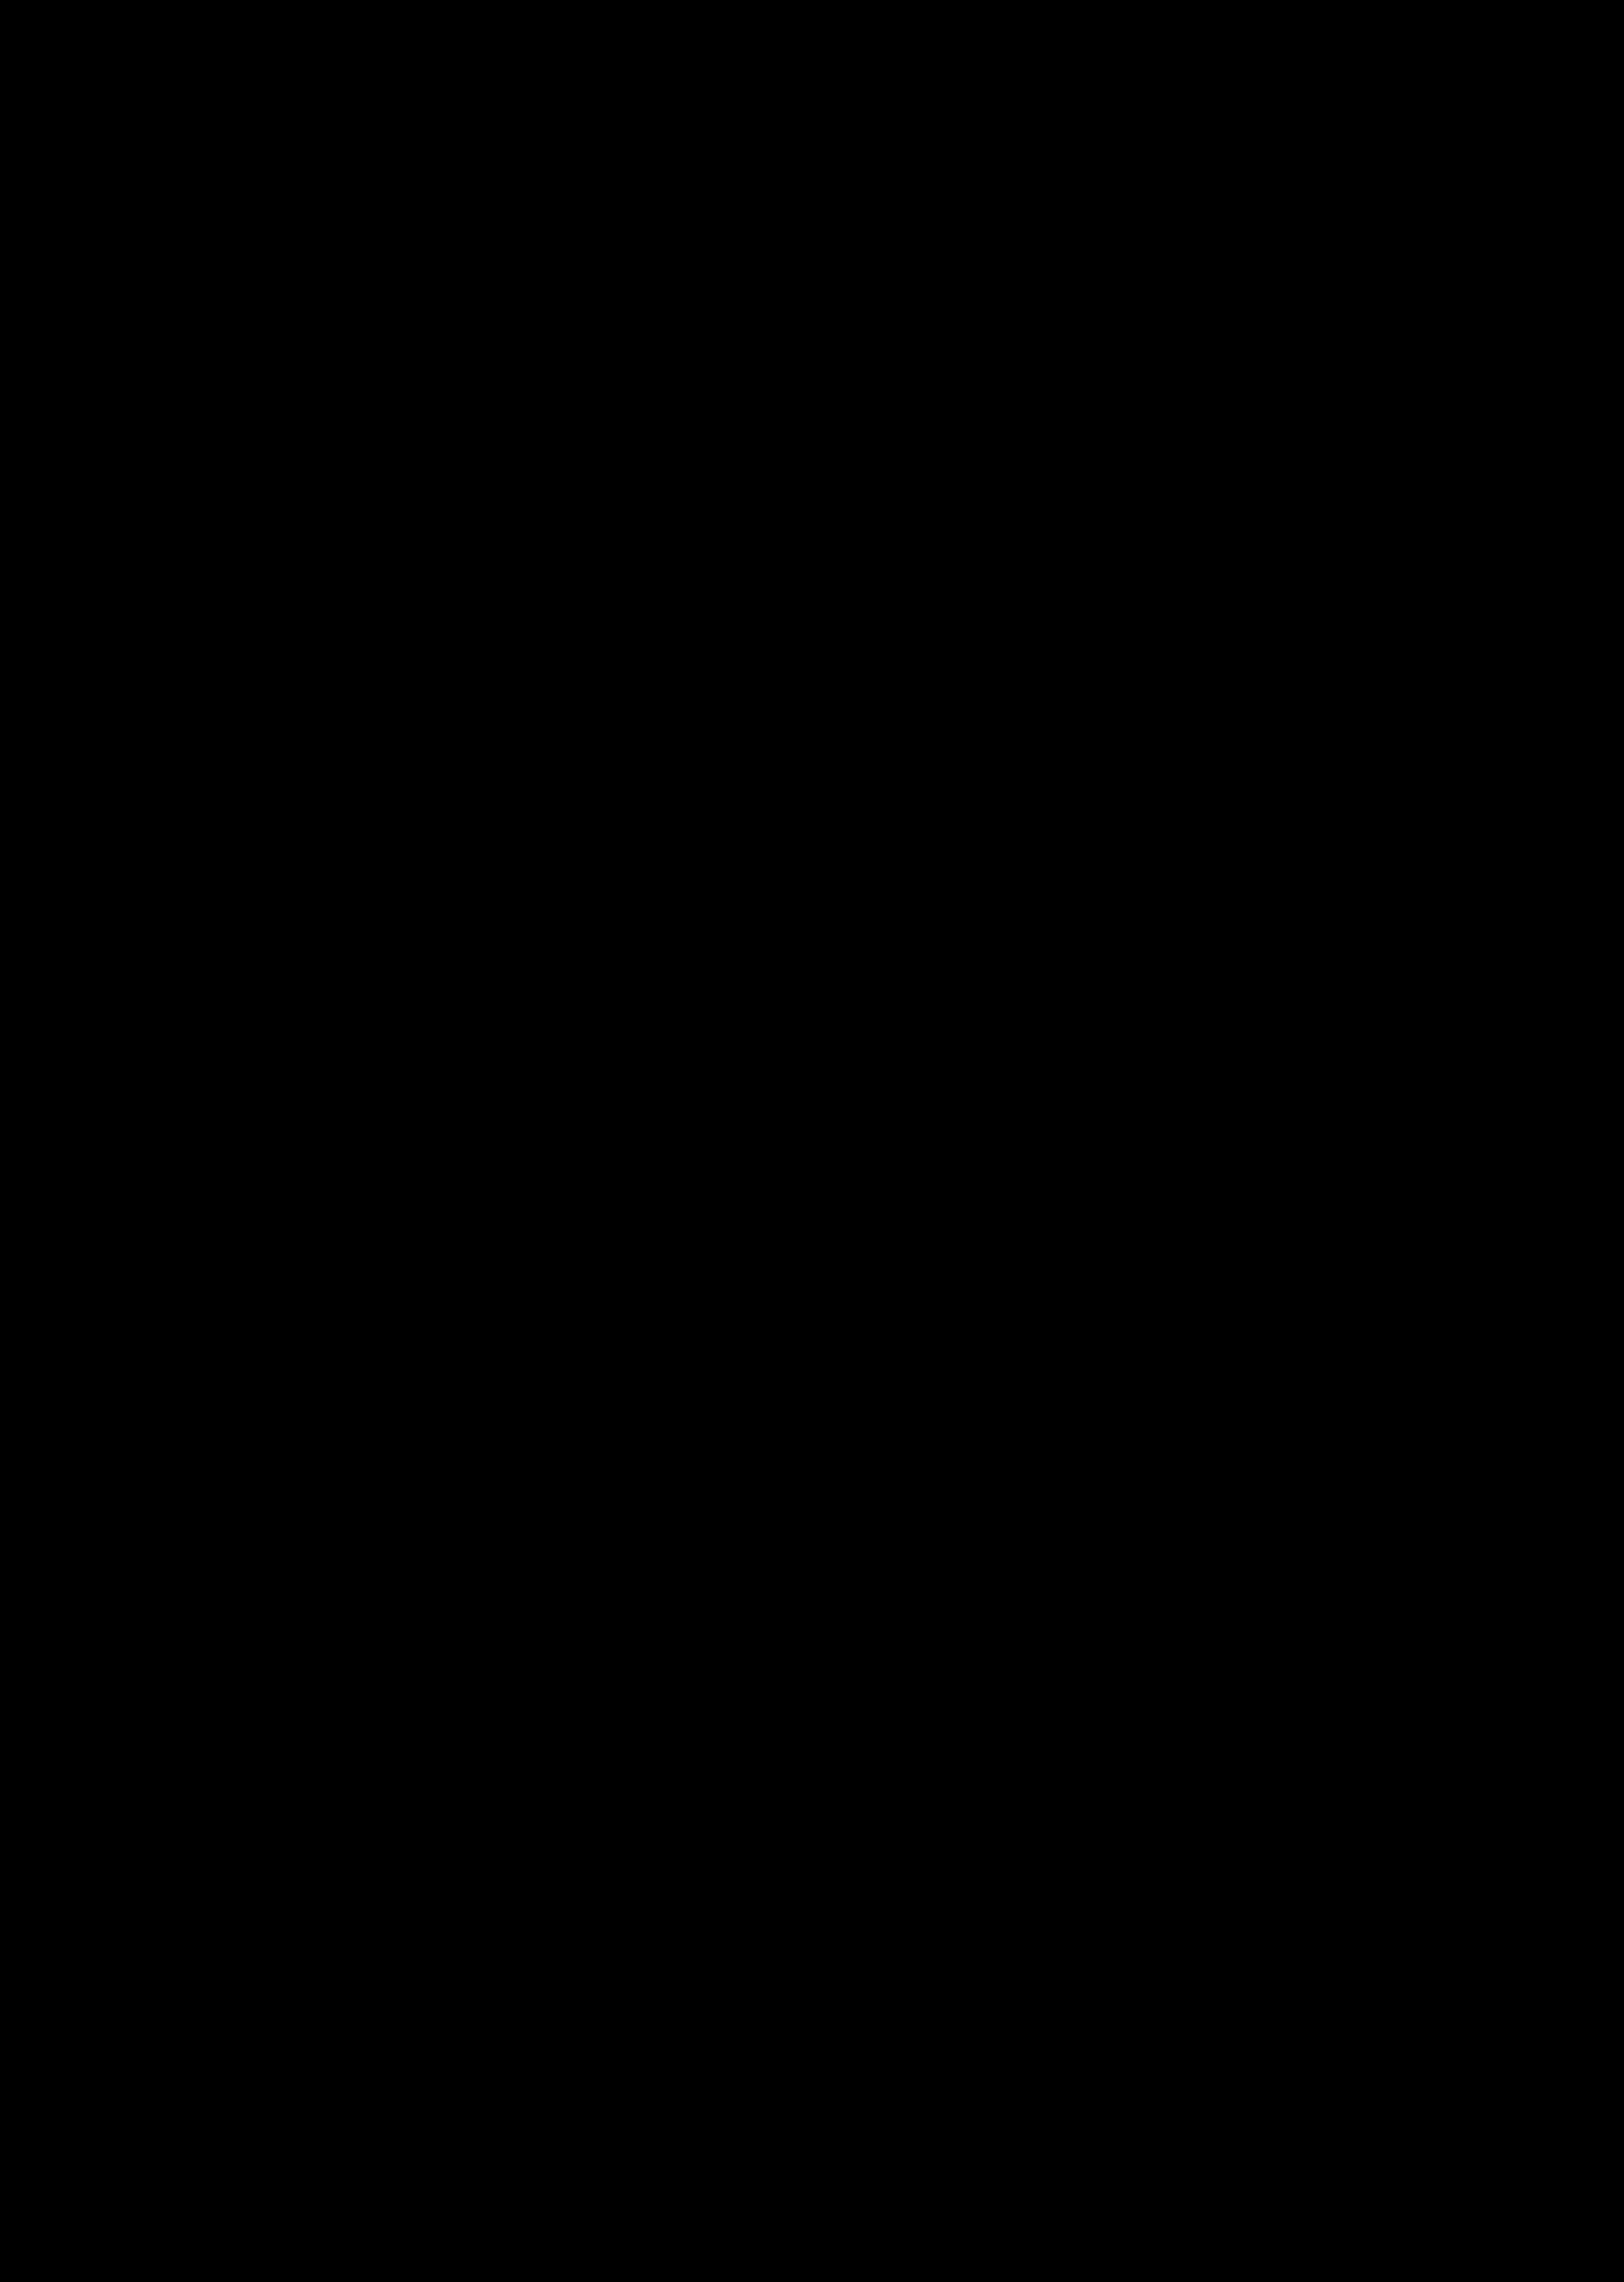 An alt girl who seems to like plants